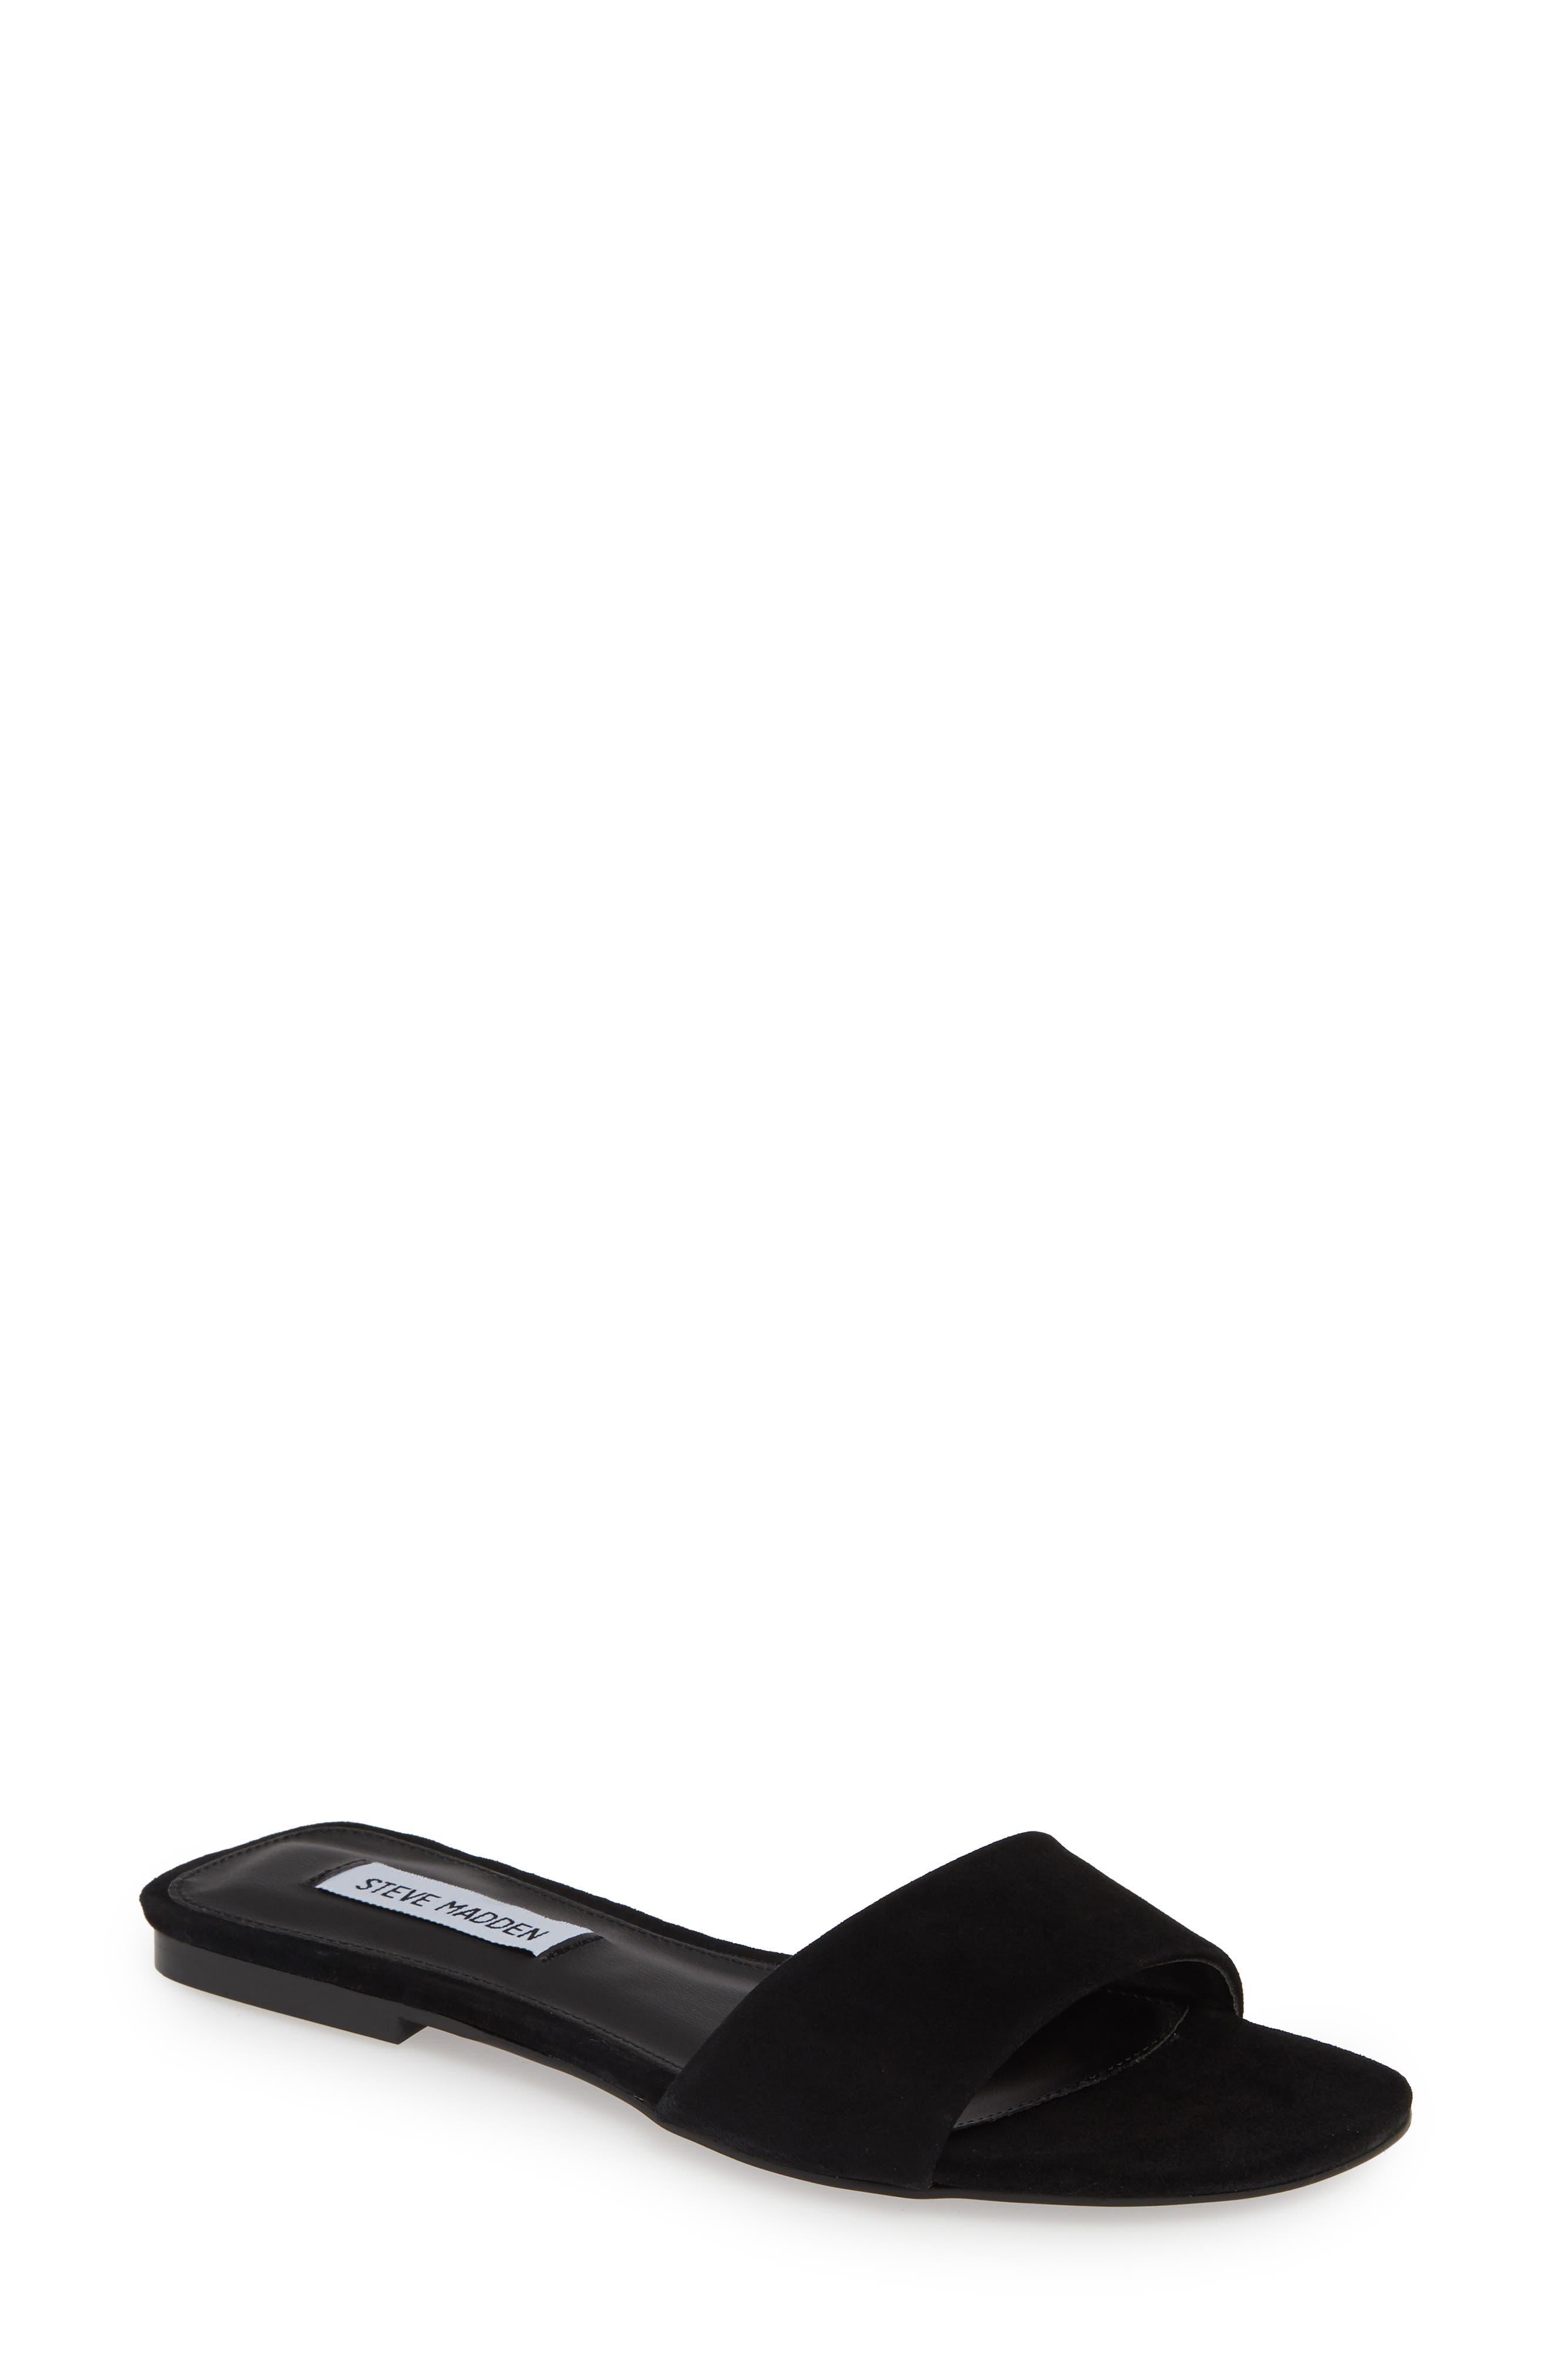 Steve Madden Bev Slide Sandal, Black